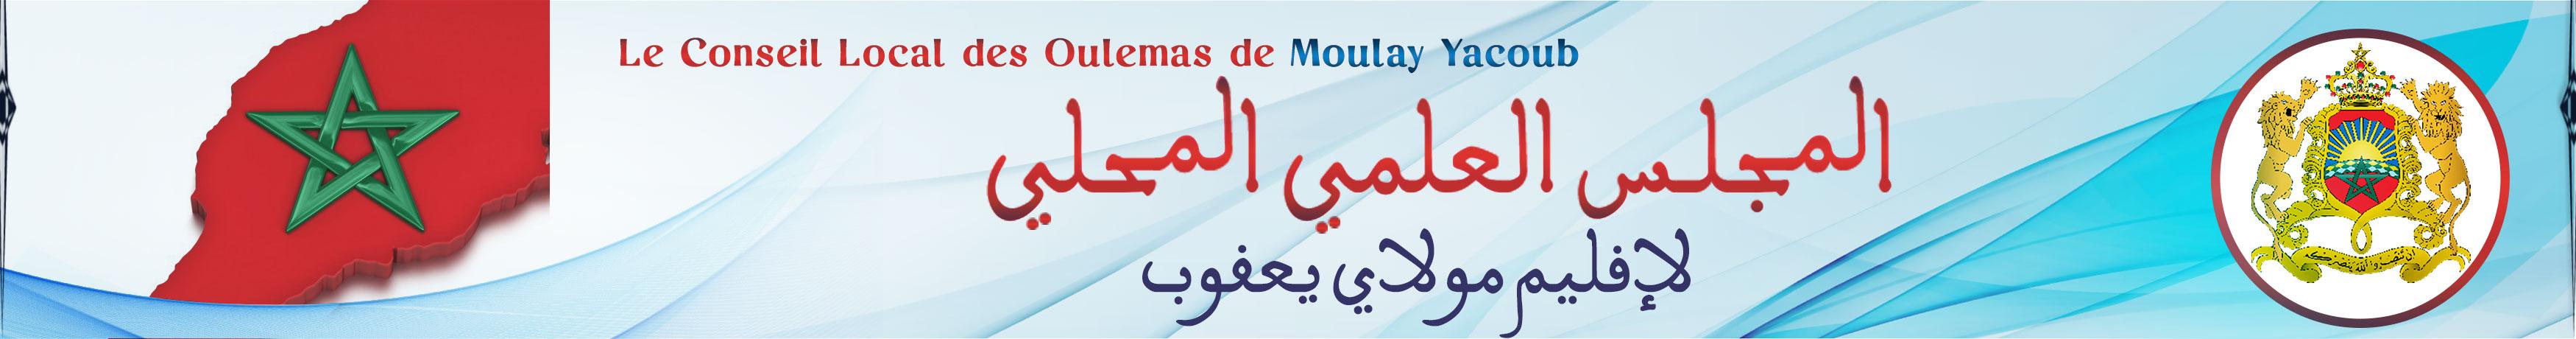 المجلس العلمي المحلي لإقليم مولاي يعقوب